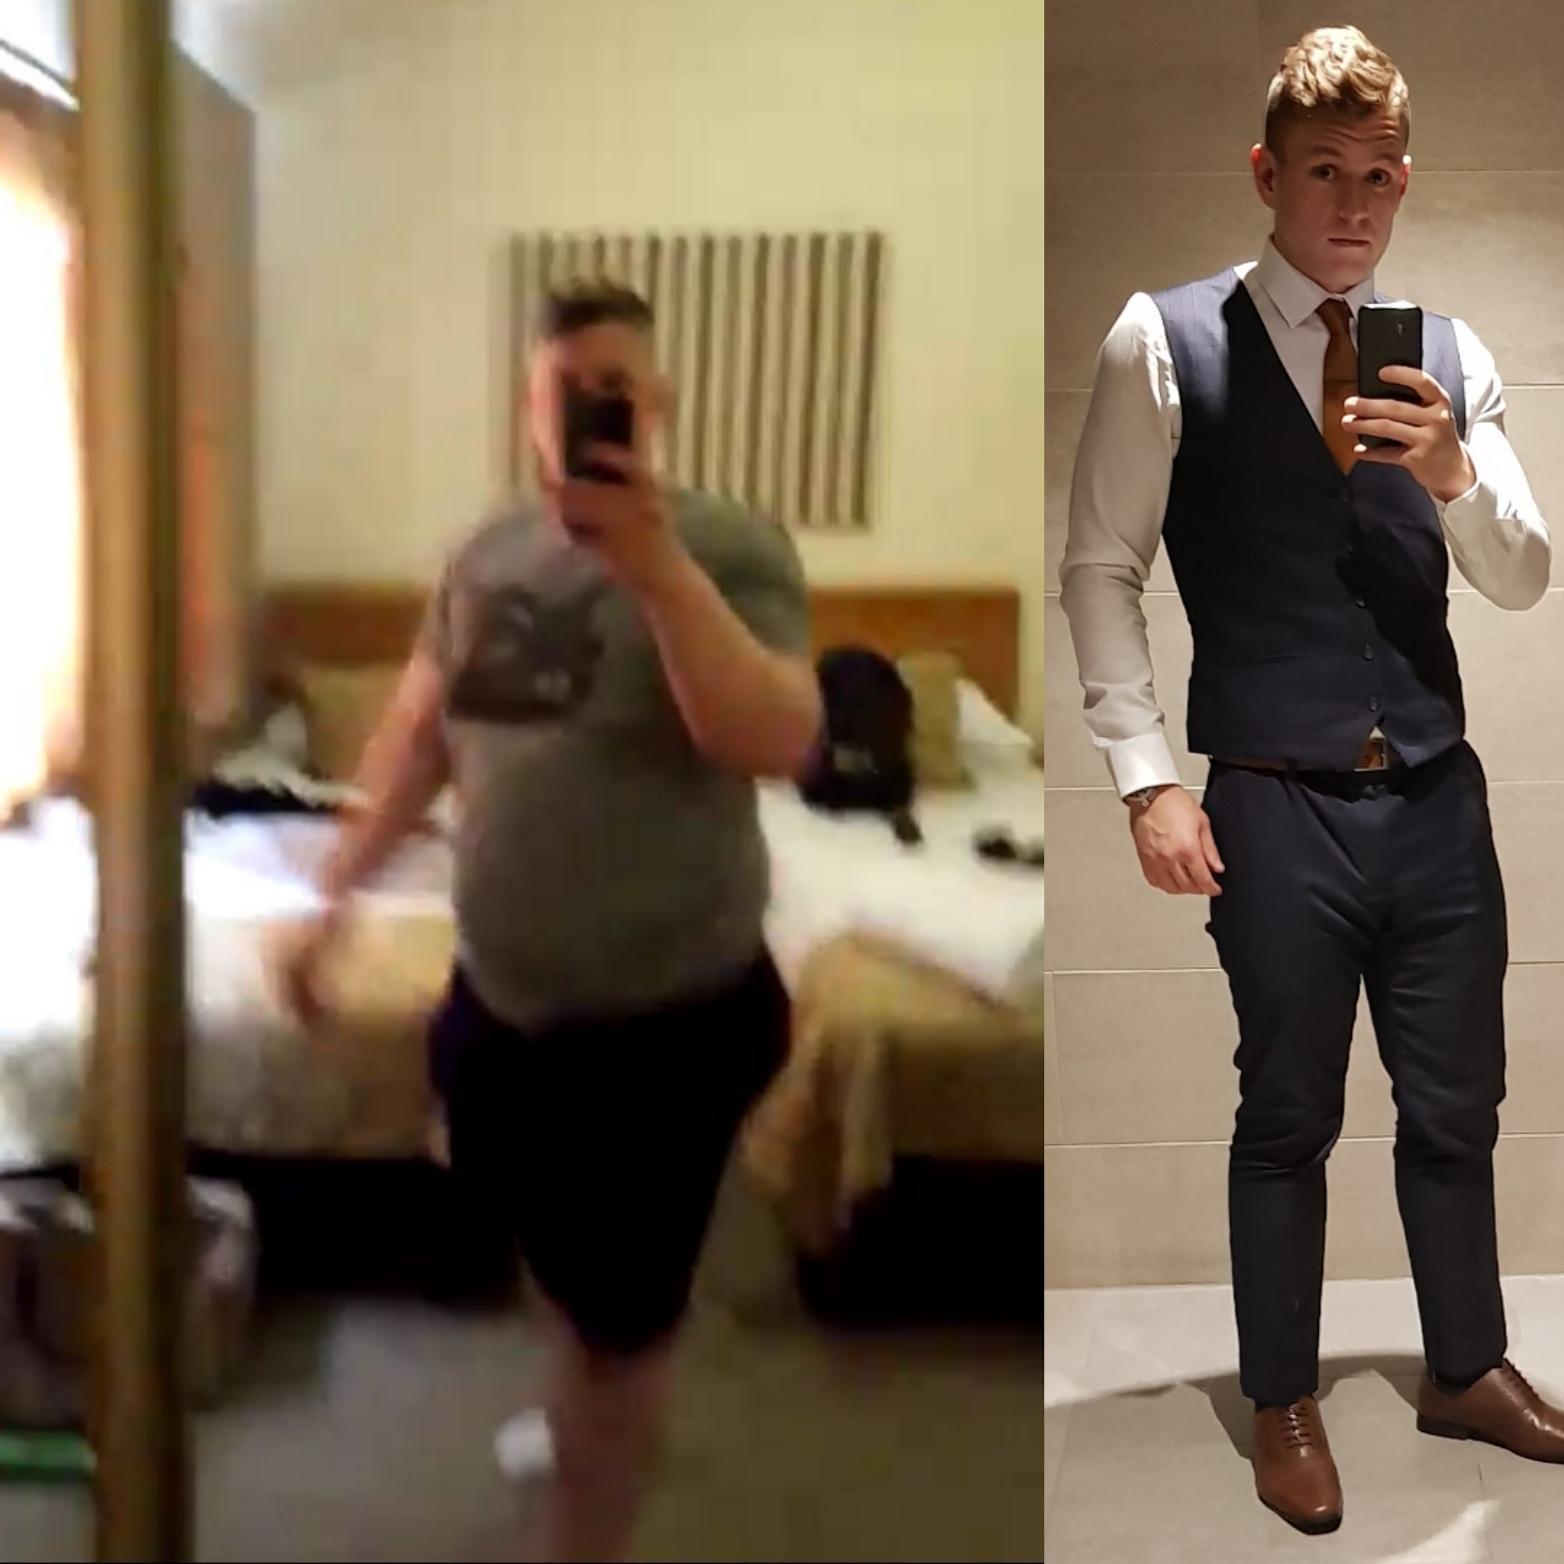 6 feet 2 Male Progress Pics of 171 lbs Fat Loss 376 lbs to 205 lbs